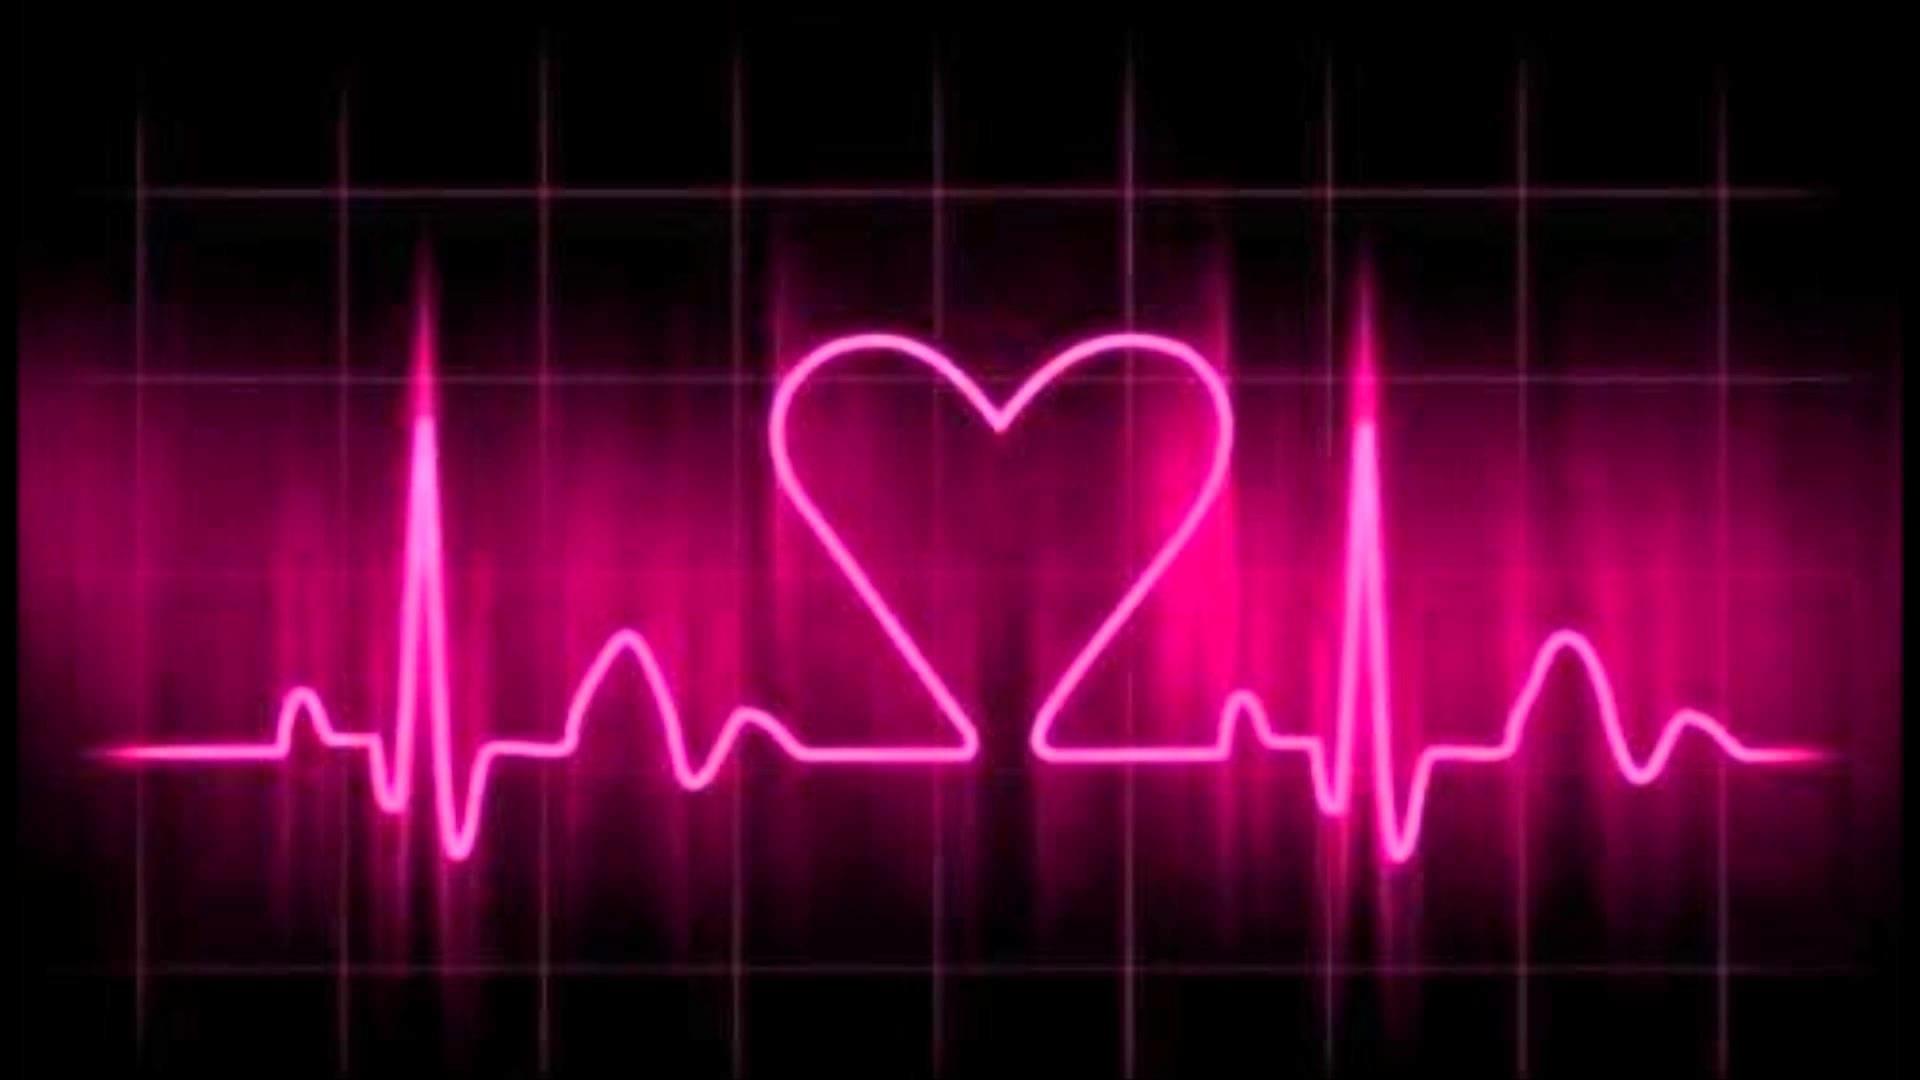 7 77380 heartbeat data src neon pink heart beat